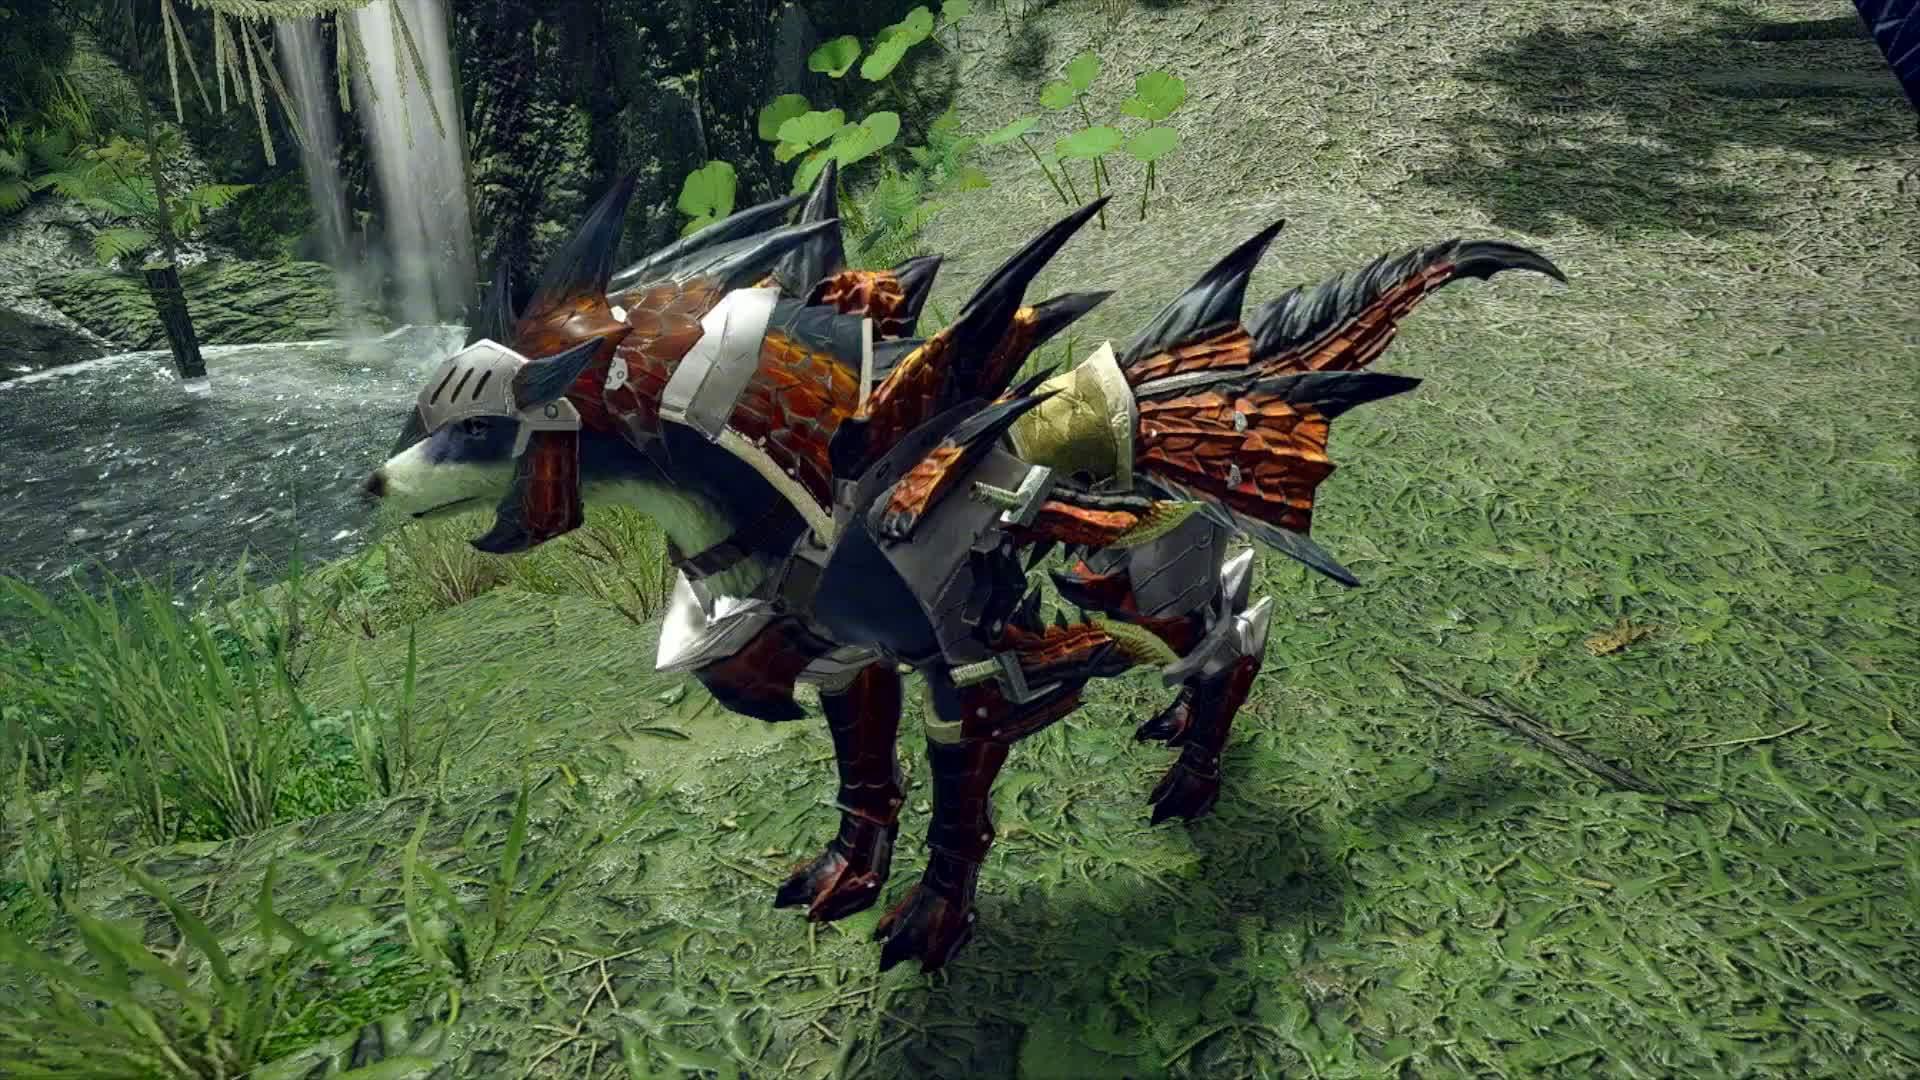 《怪物猎人崛起》牙猎犬防具展示。本作将于2021年3月26日发售